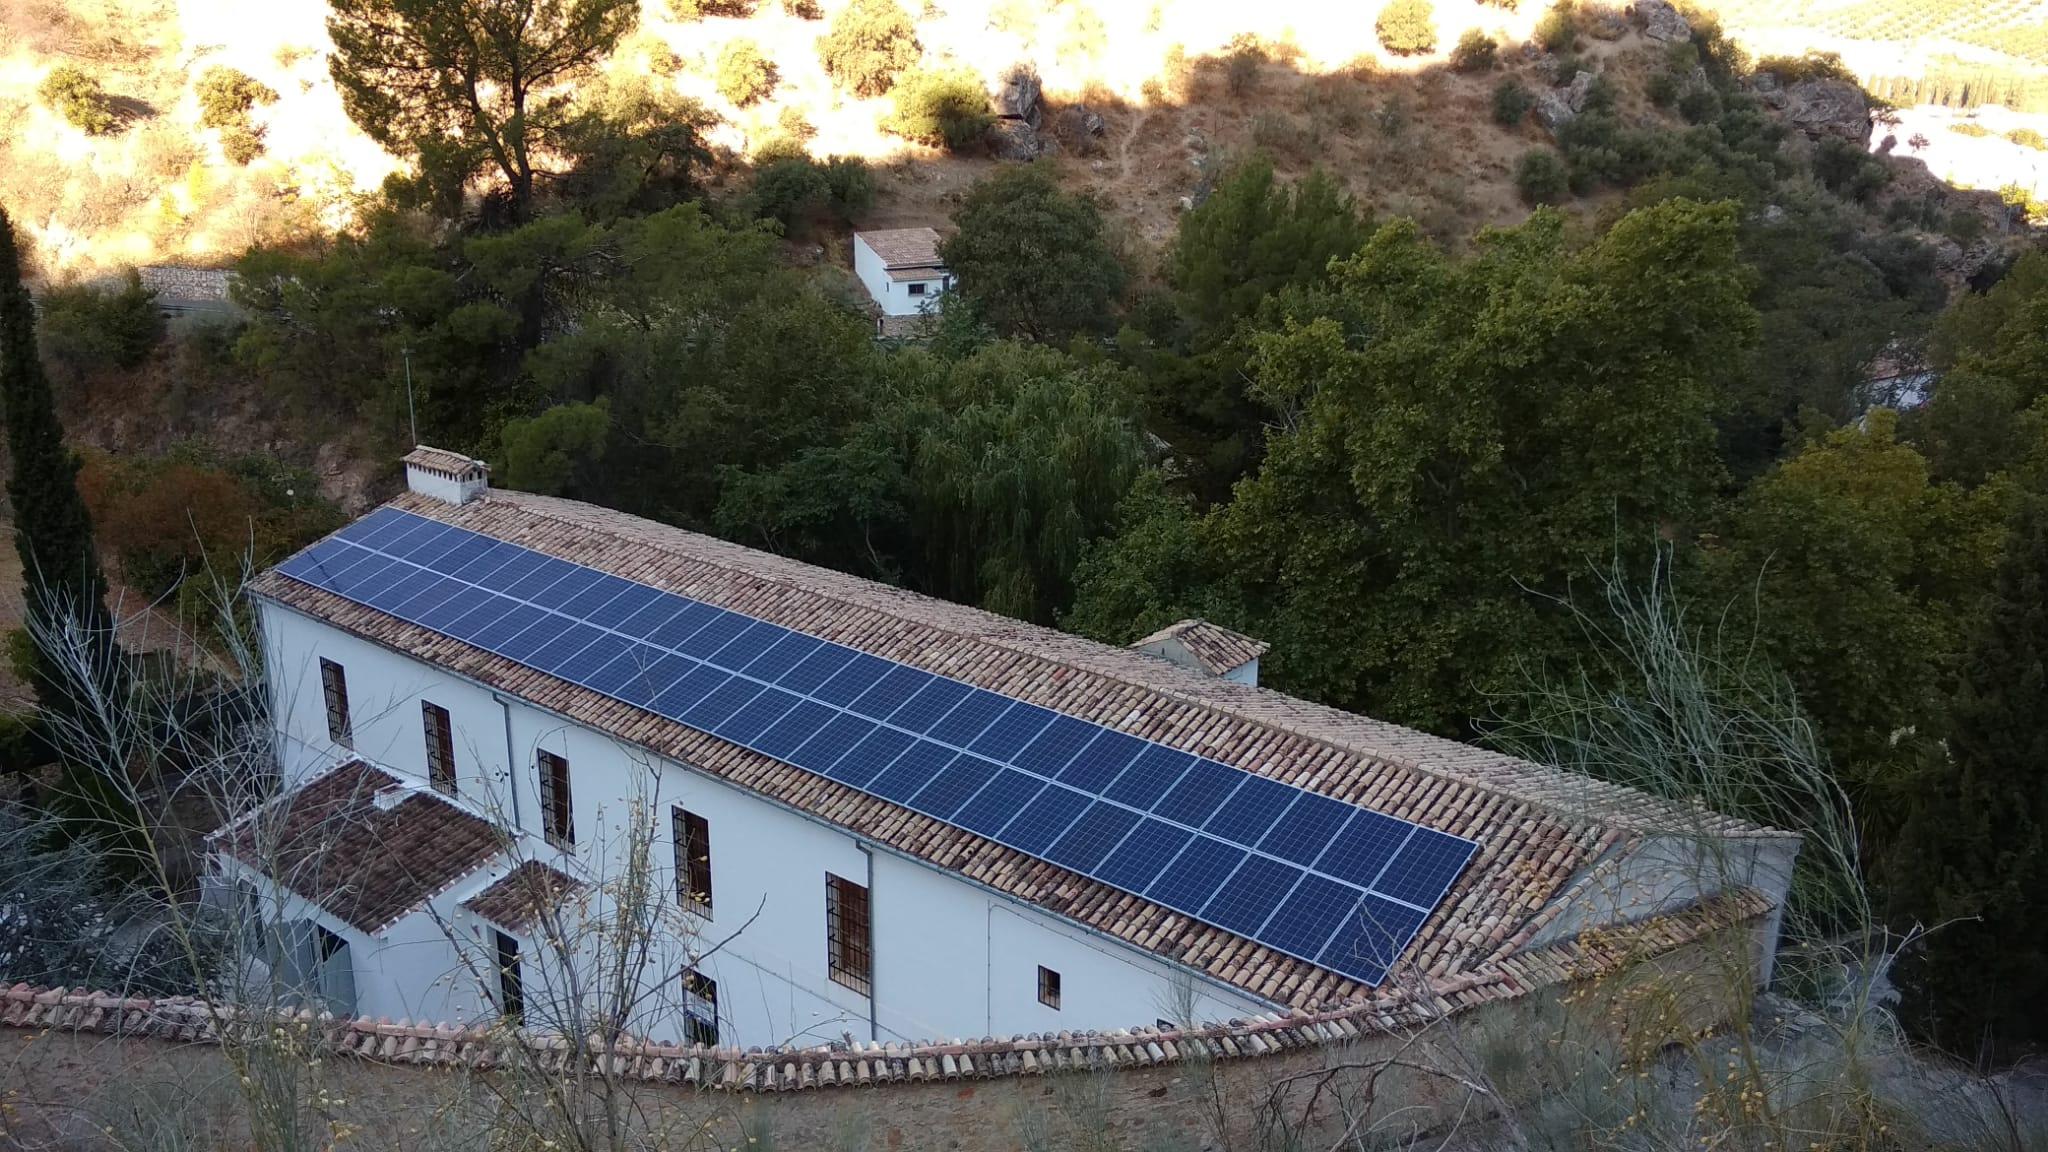 Nueva instalación solar fotovoltaica para bombeo de agua en Almedinilla 1